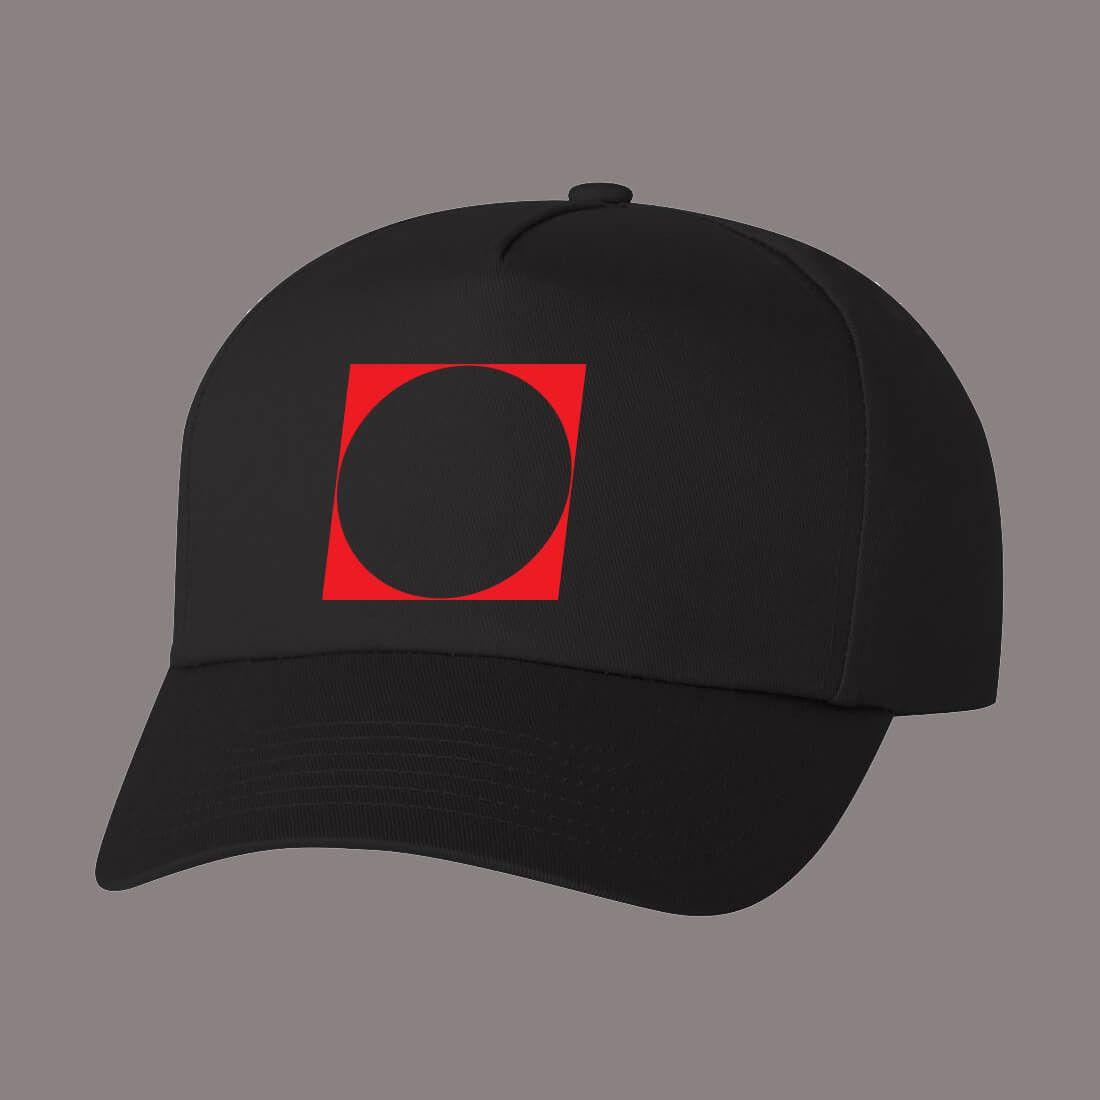 1a4197f19c1 OPN Logo Cap - Merchandise